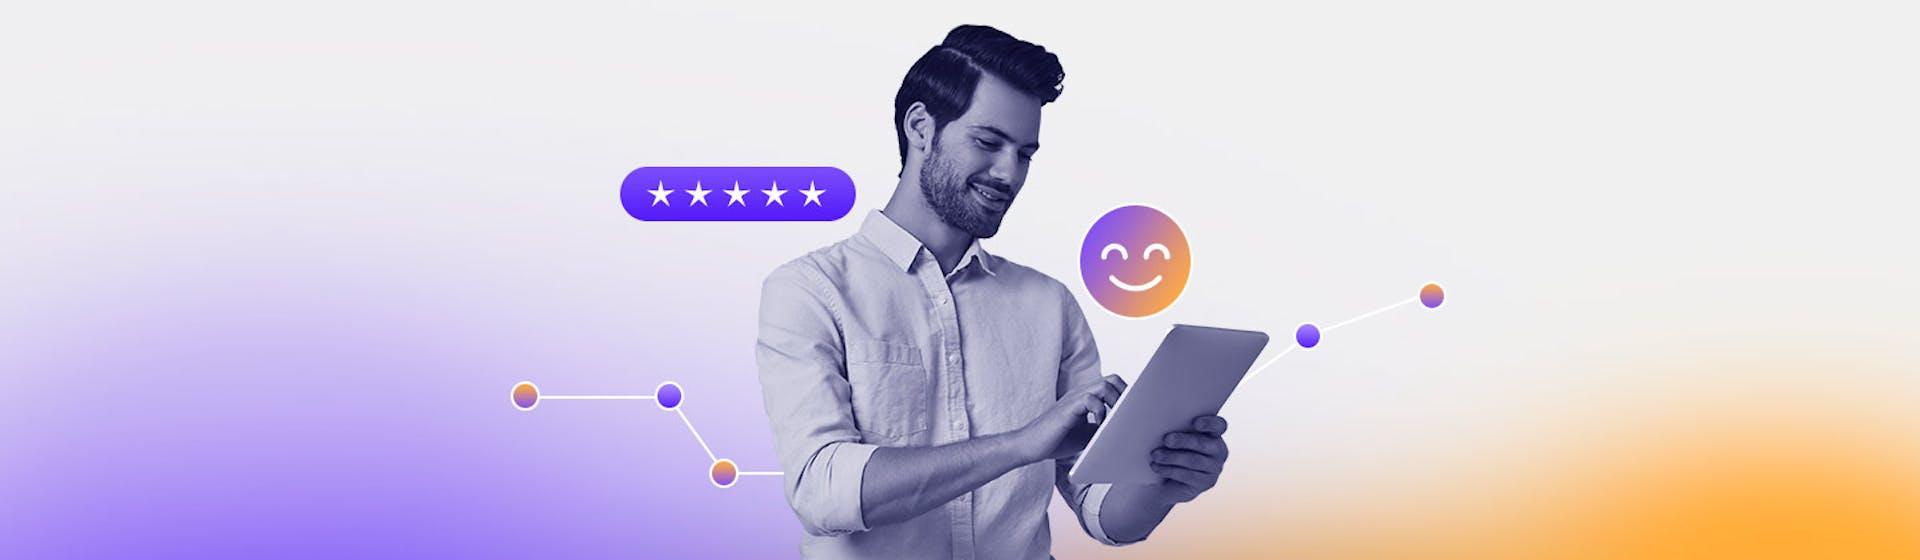 Tendencias tecnológicas de servicio al cliente B2B: Adáptate al nuevo contexto